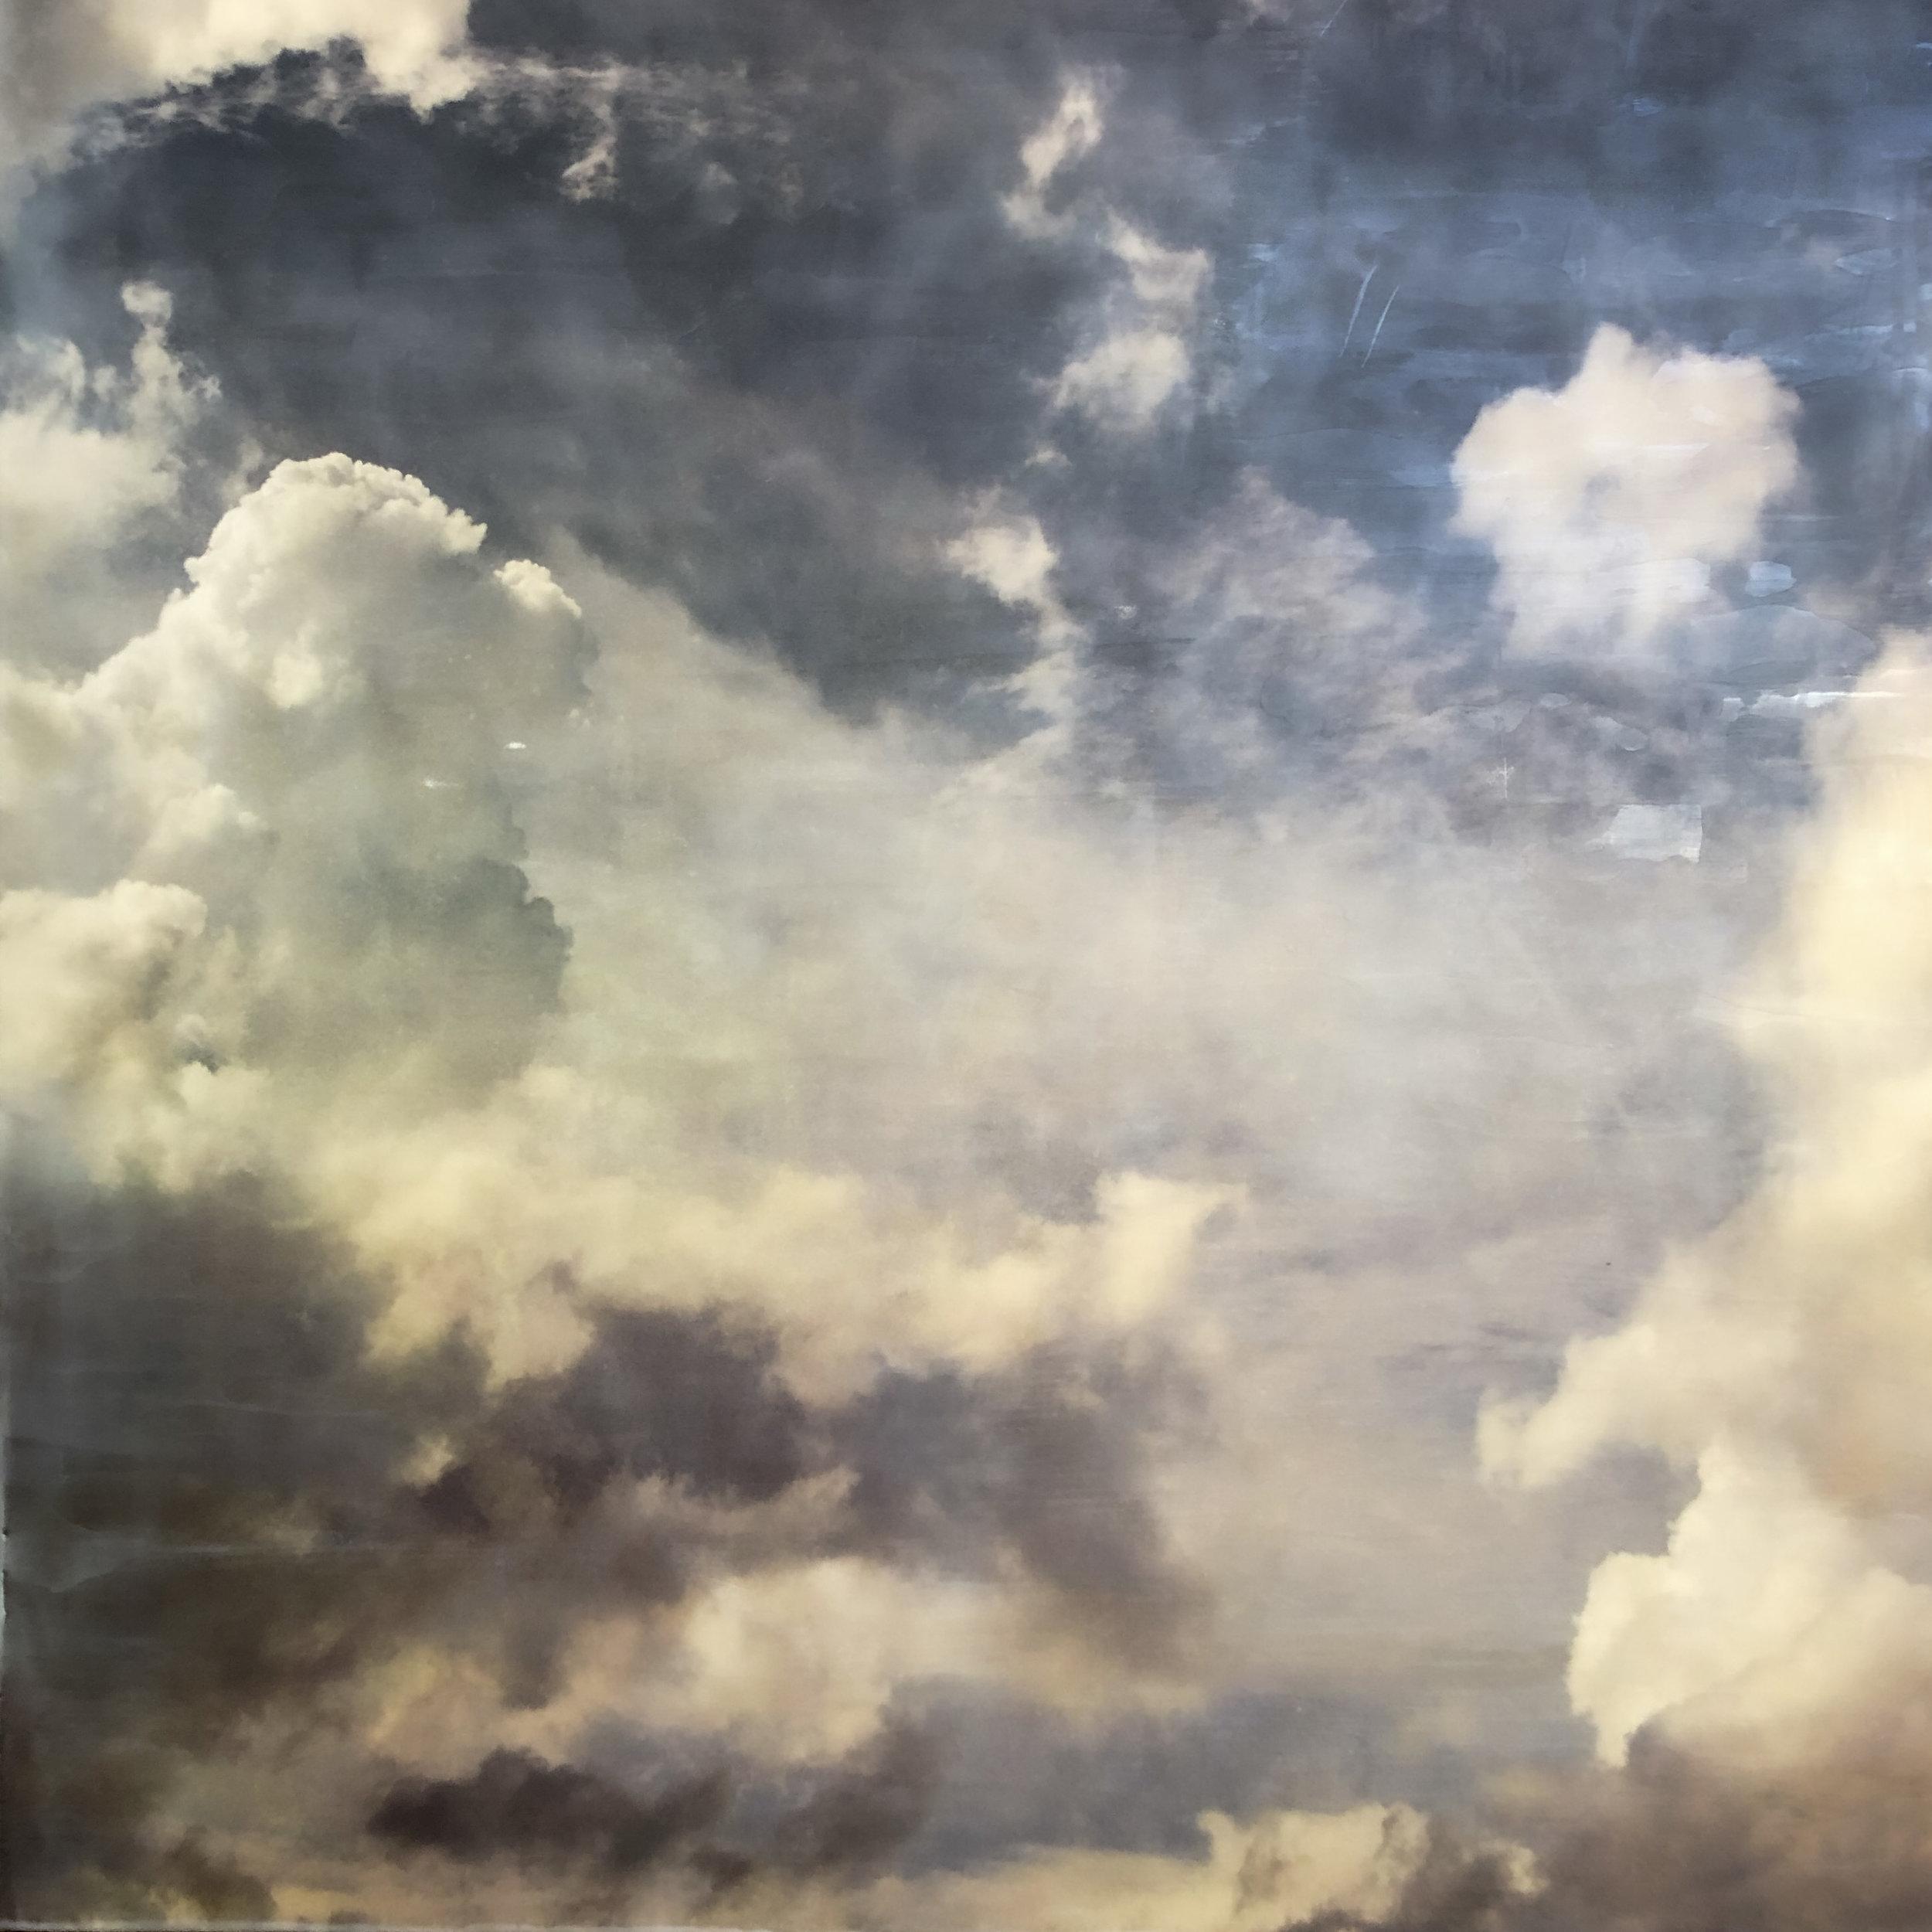 cloud study 60_48 x 48.JPG